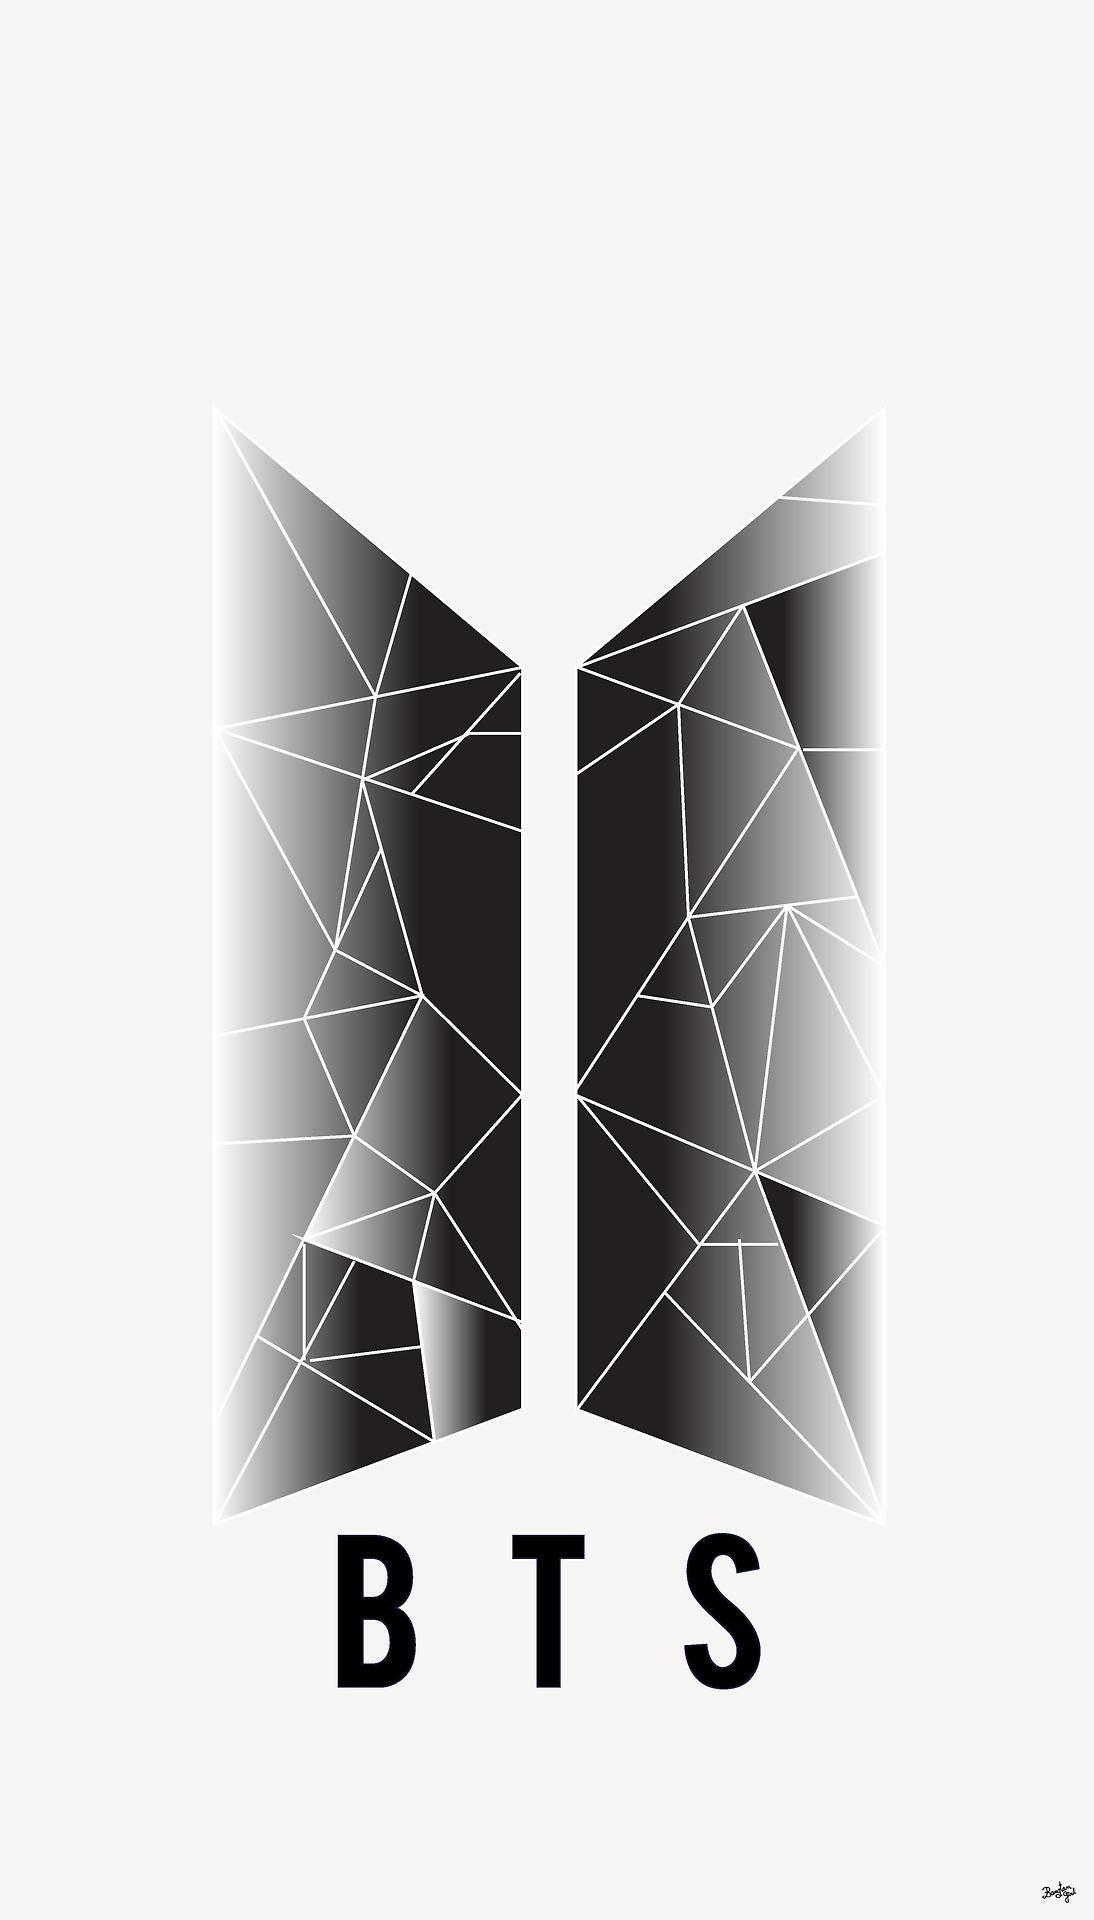 Bts Logo Black And White : black, white, 1094x1920, Wallpaper, Group, (42+), Wallpaper,, Backgrounds,, Jimin